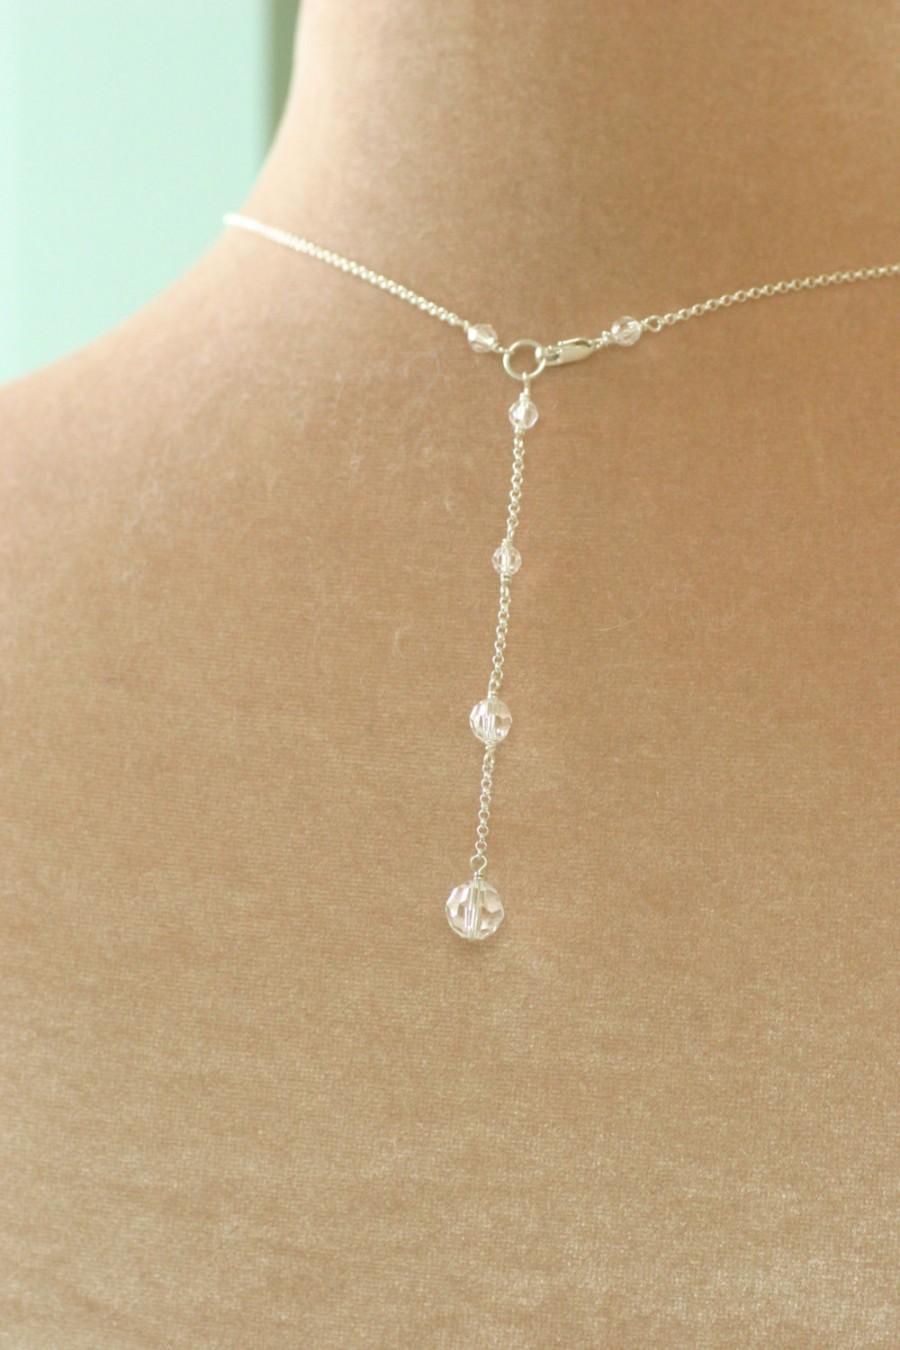 Mariage - Back drop necklace, back drop bridal necklace, Swarovski crystal necklace wedding - Nancy